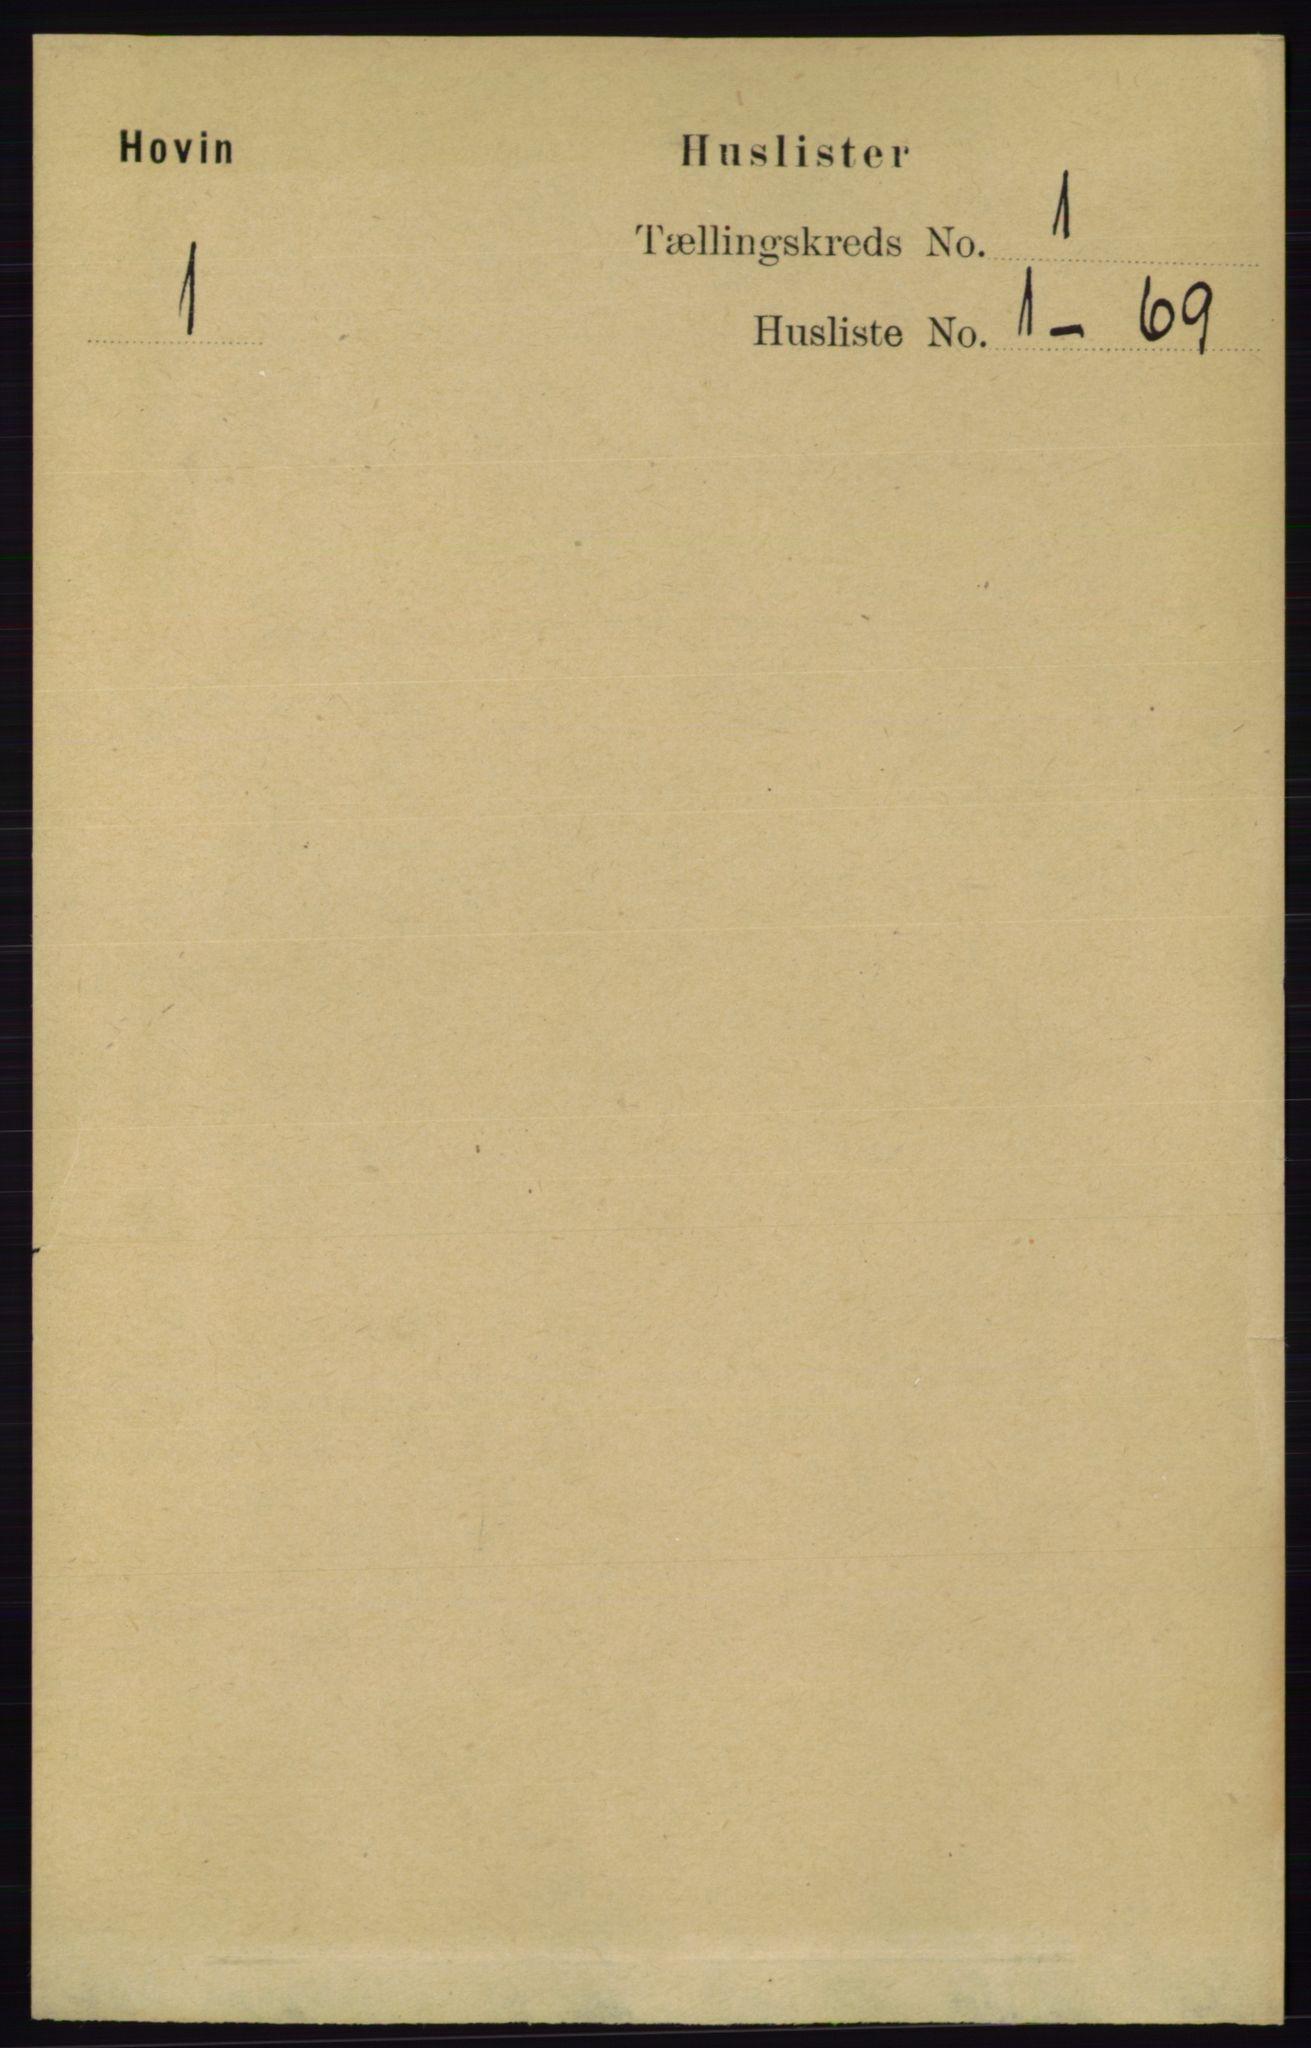 RA, Folketelling 1891 for 0825 Hovin herred, 1891, s. 16